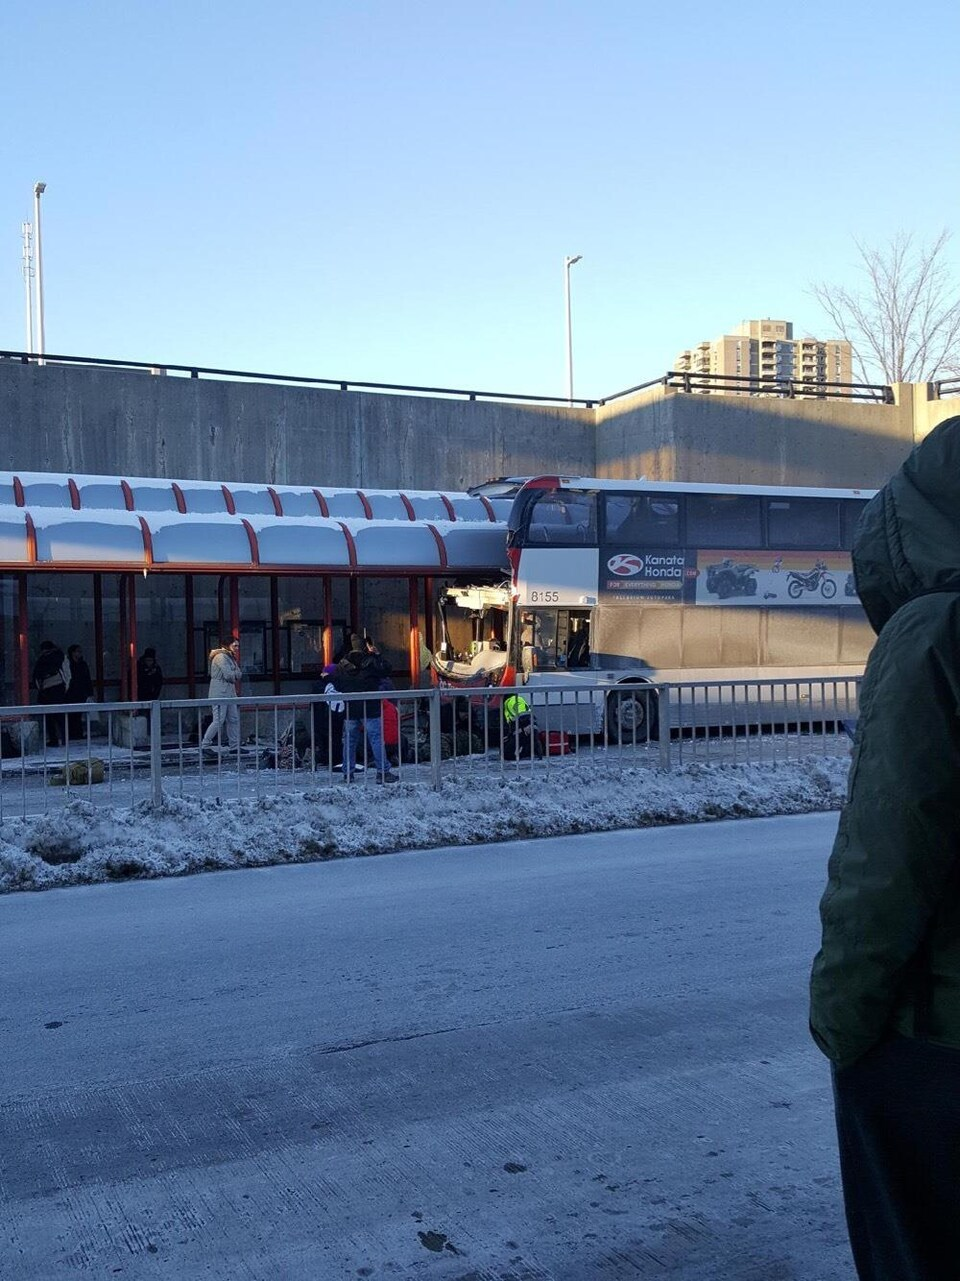 Un autobus accidenté avec des gens autour